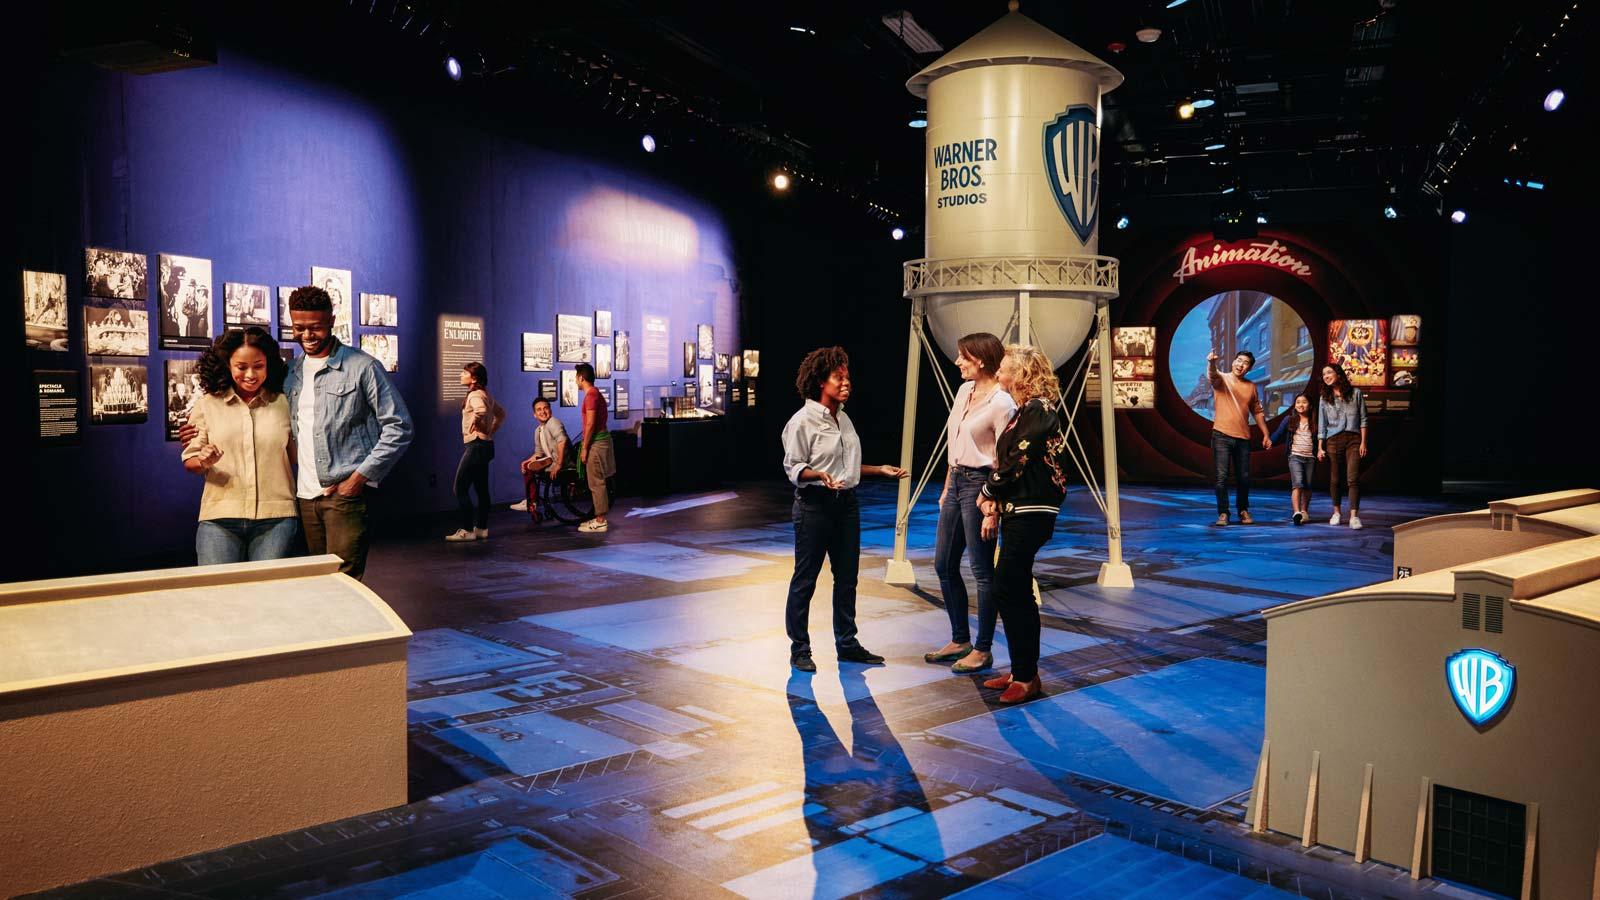 Warner Bros. Studio Tour Hollywood - Image 1